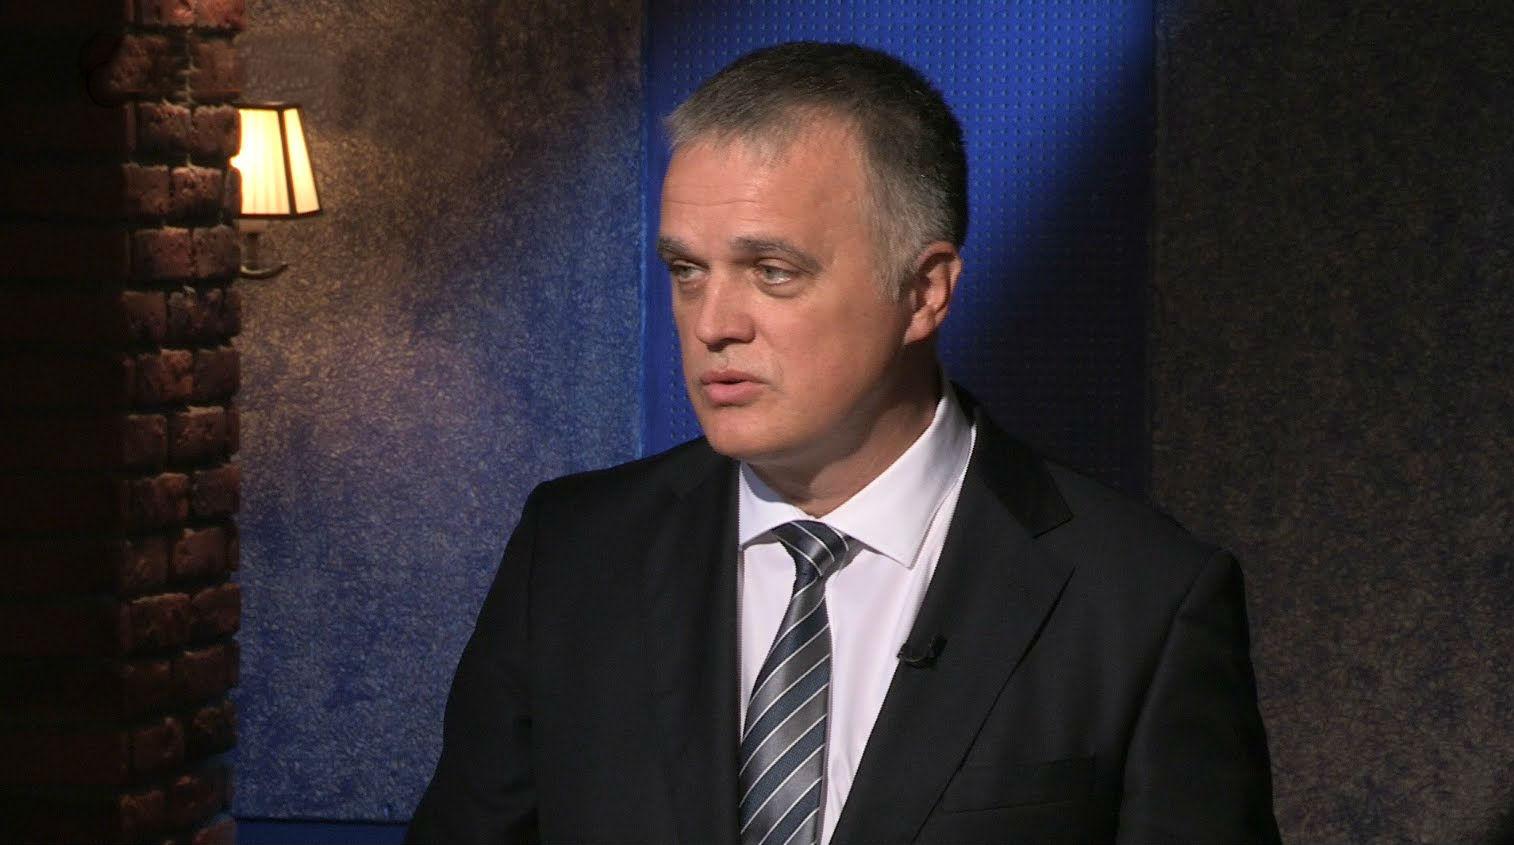 IT-политик Алексей Скрипник: «IT-компанией должен руководить молодой и сумасшедший»